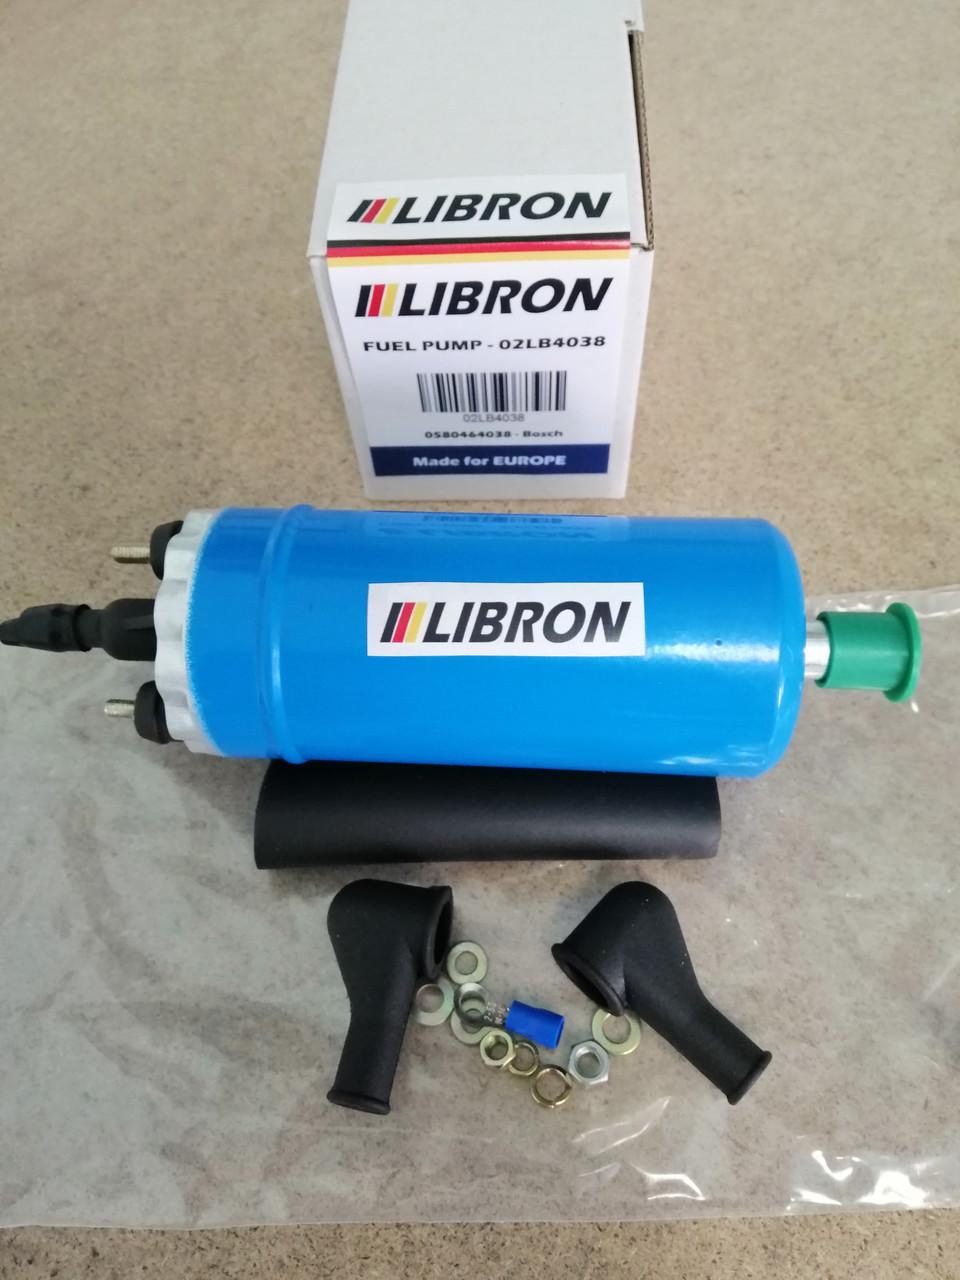 Топливный насос LIBRON 02LB4038 - JAGUAR XJ купе 5.3 H.E. (1986-1989)